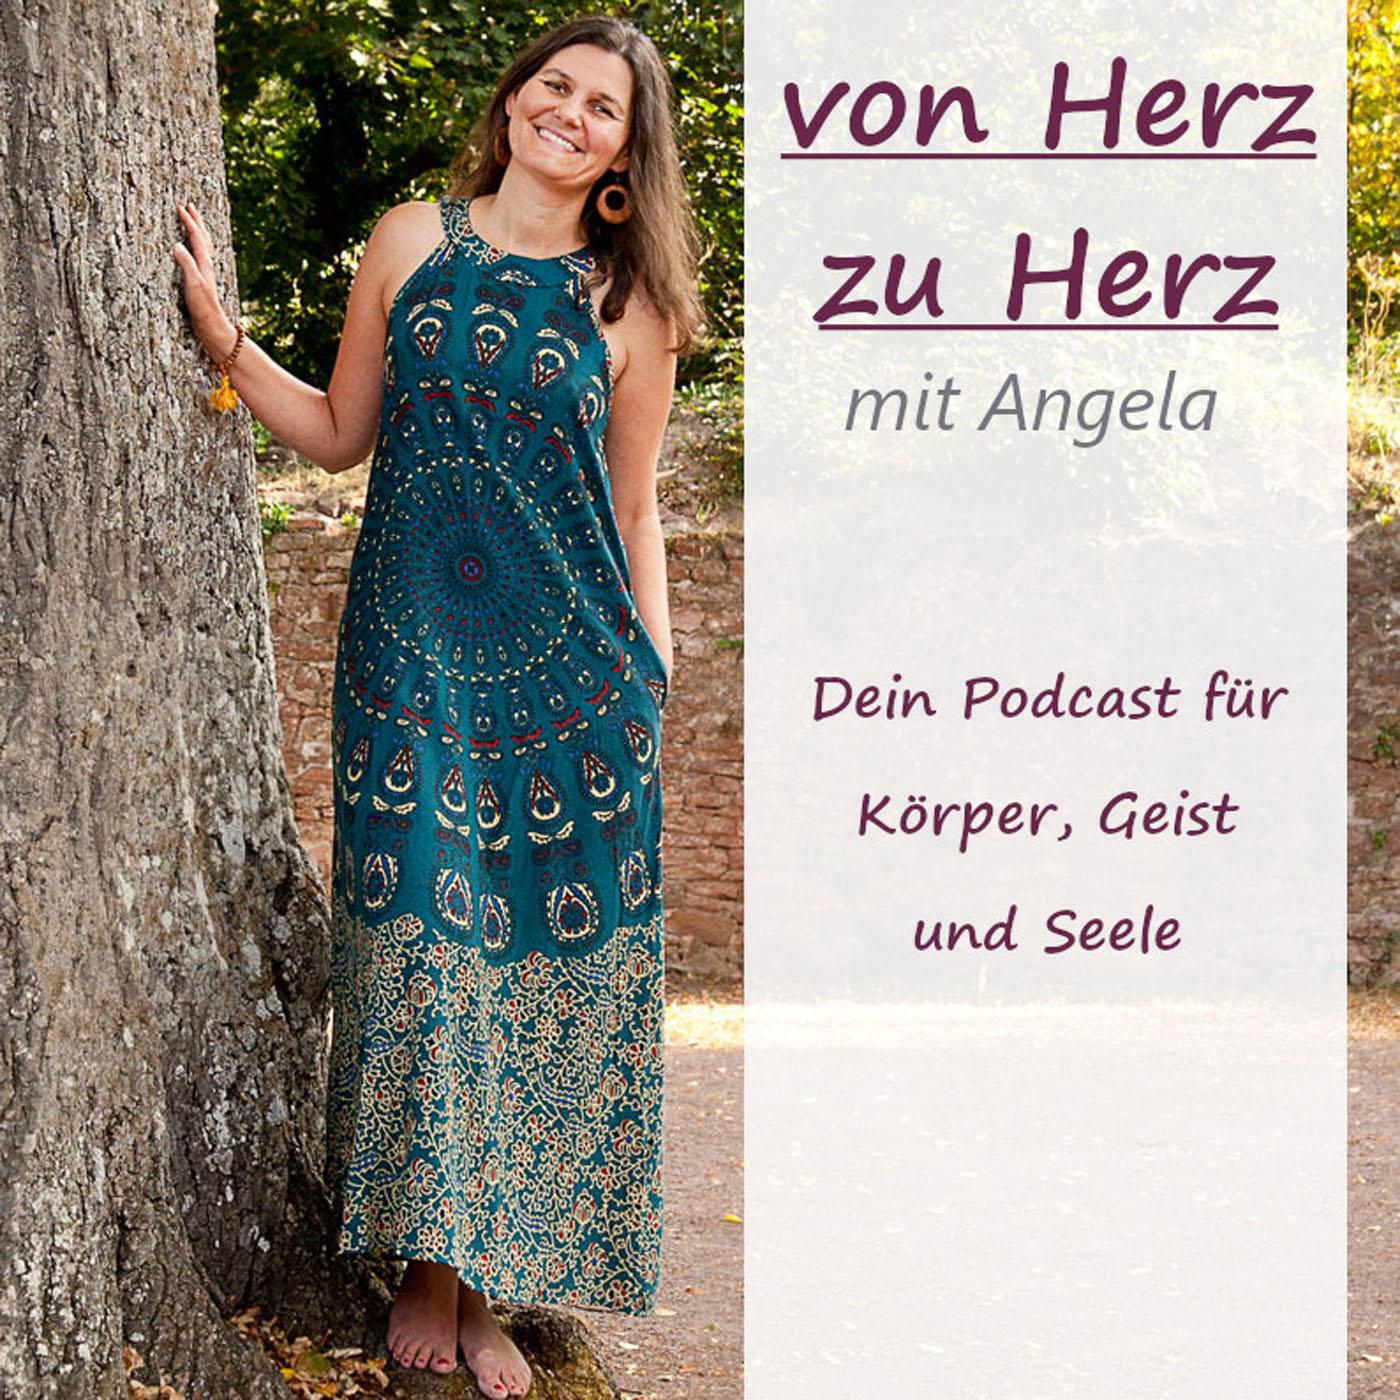 Folge #0 - Podcast Intro - von Herz zu Herz mit Angela